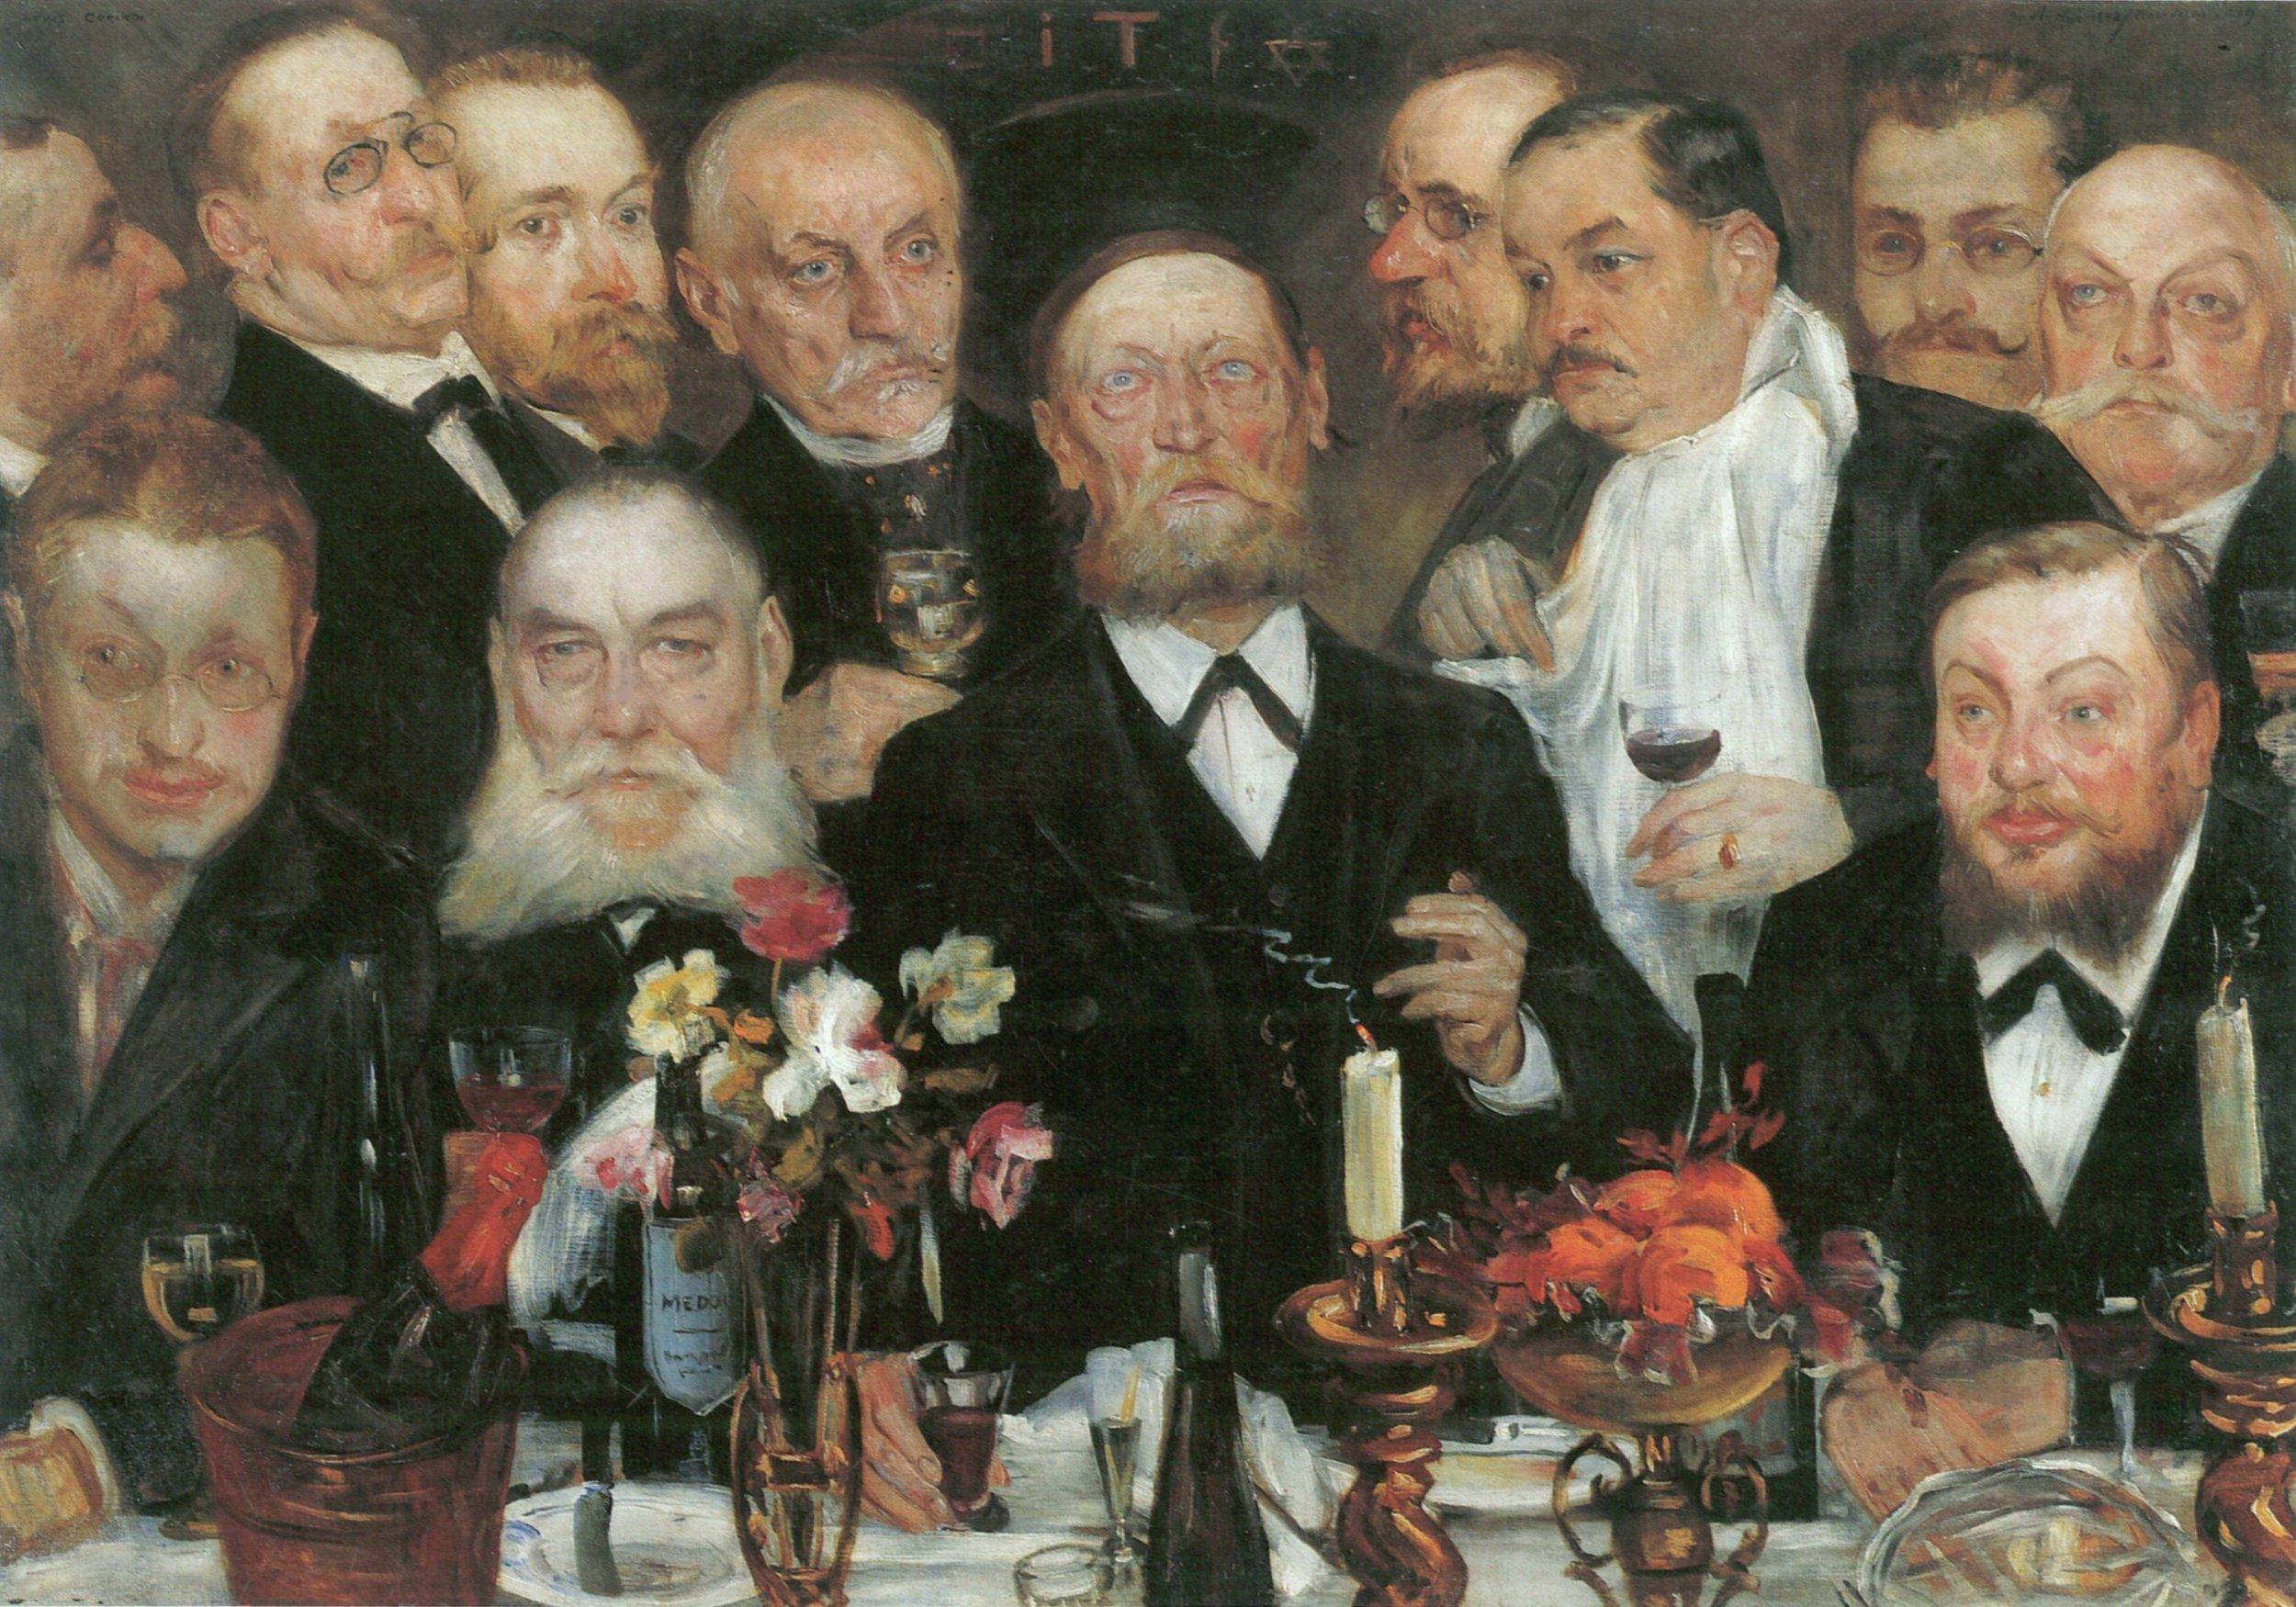 """Nel corso della sua carriera, a Lovis Corinth, artista e scrittore tedesco il cui lavoro di pittore e incisore ha realizzato una sintesi di impressionismo ed espressionismo, furono commissionati alcuni ritratti di gruppo, tra cui """"Die Logenbrüder"""" nel 1898-99 (I fratelli della Loggia). Il modello è ispirato ai ritratti di gruppo più piccoli di Rembrandt, in questo caso però si beve Champagne."""